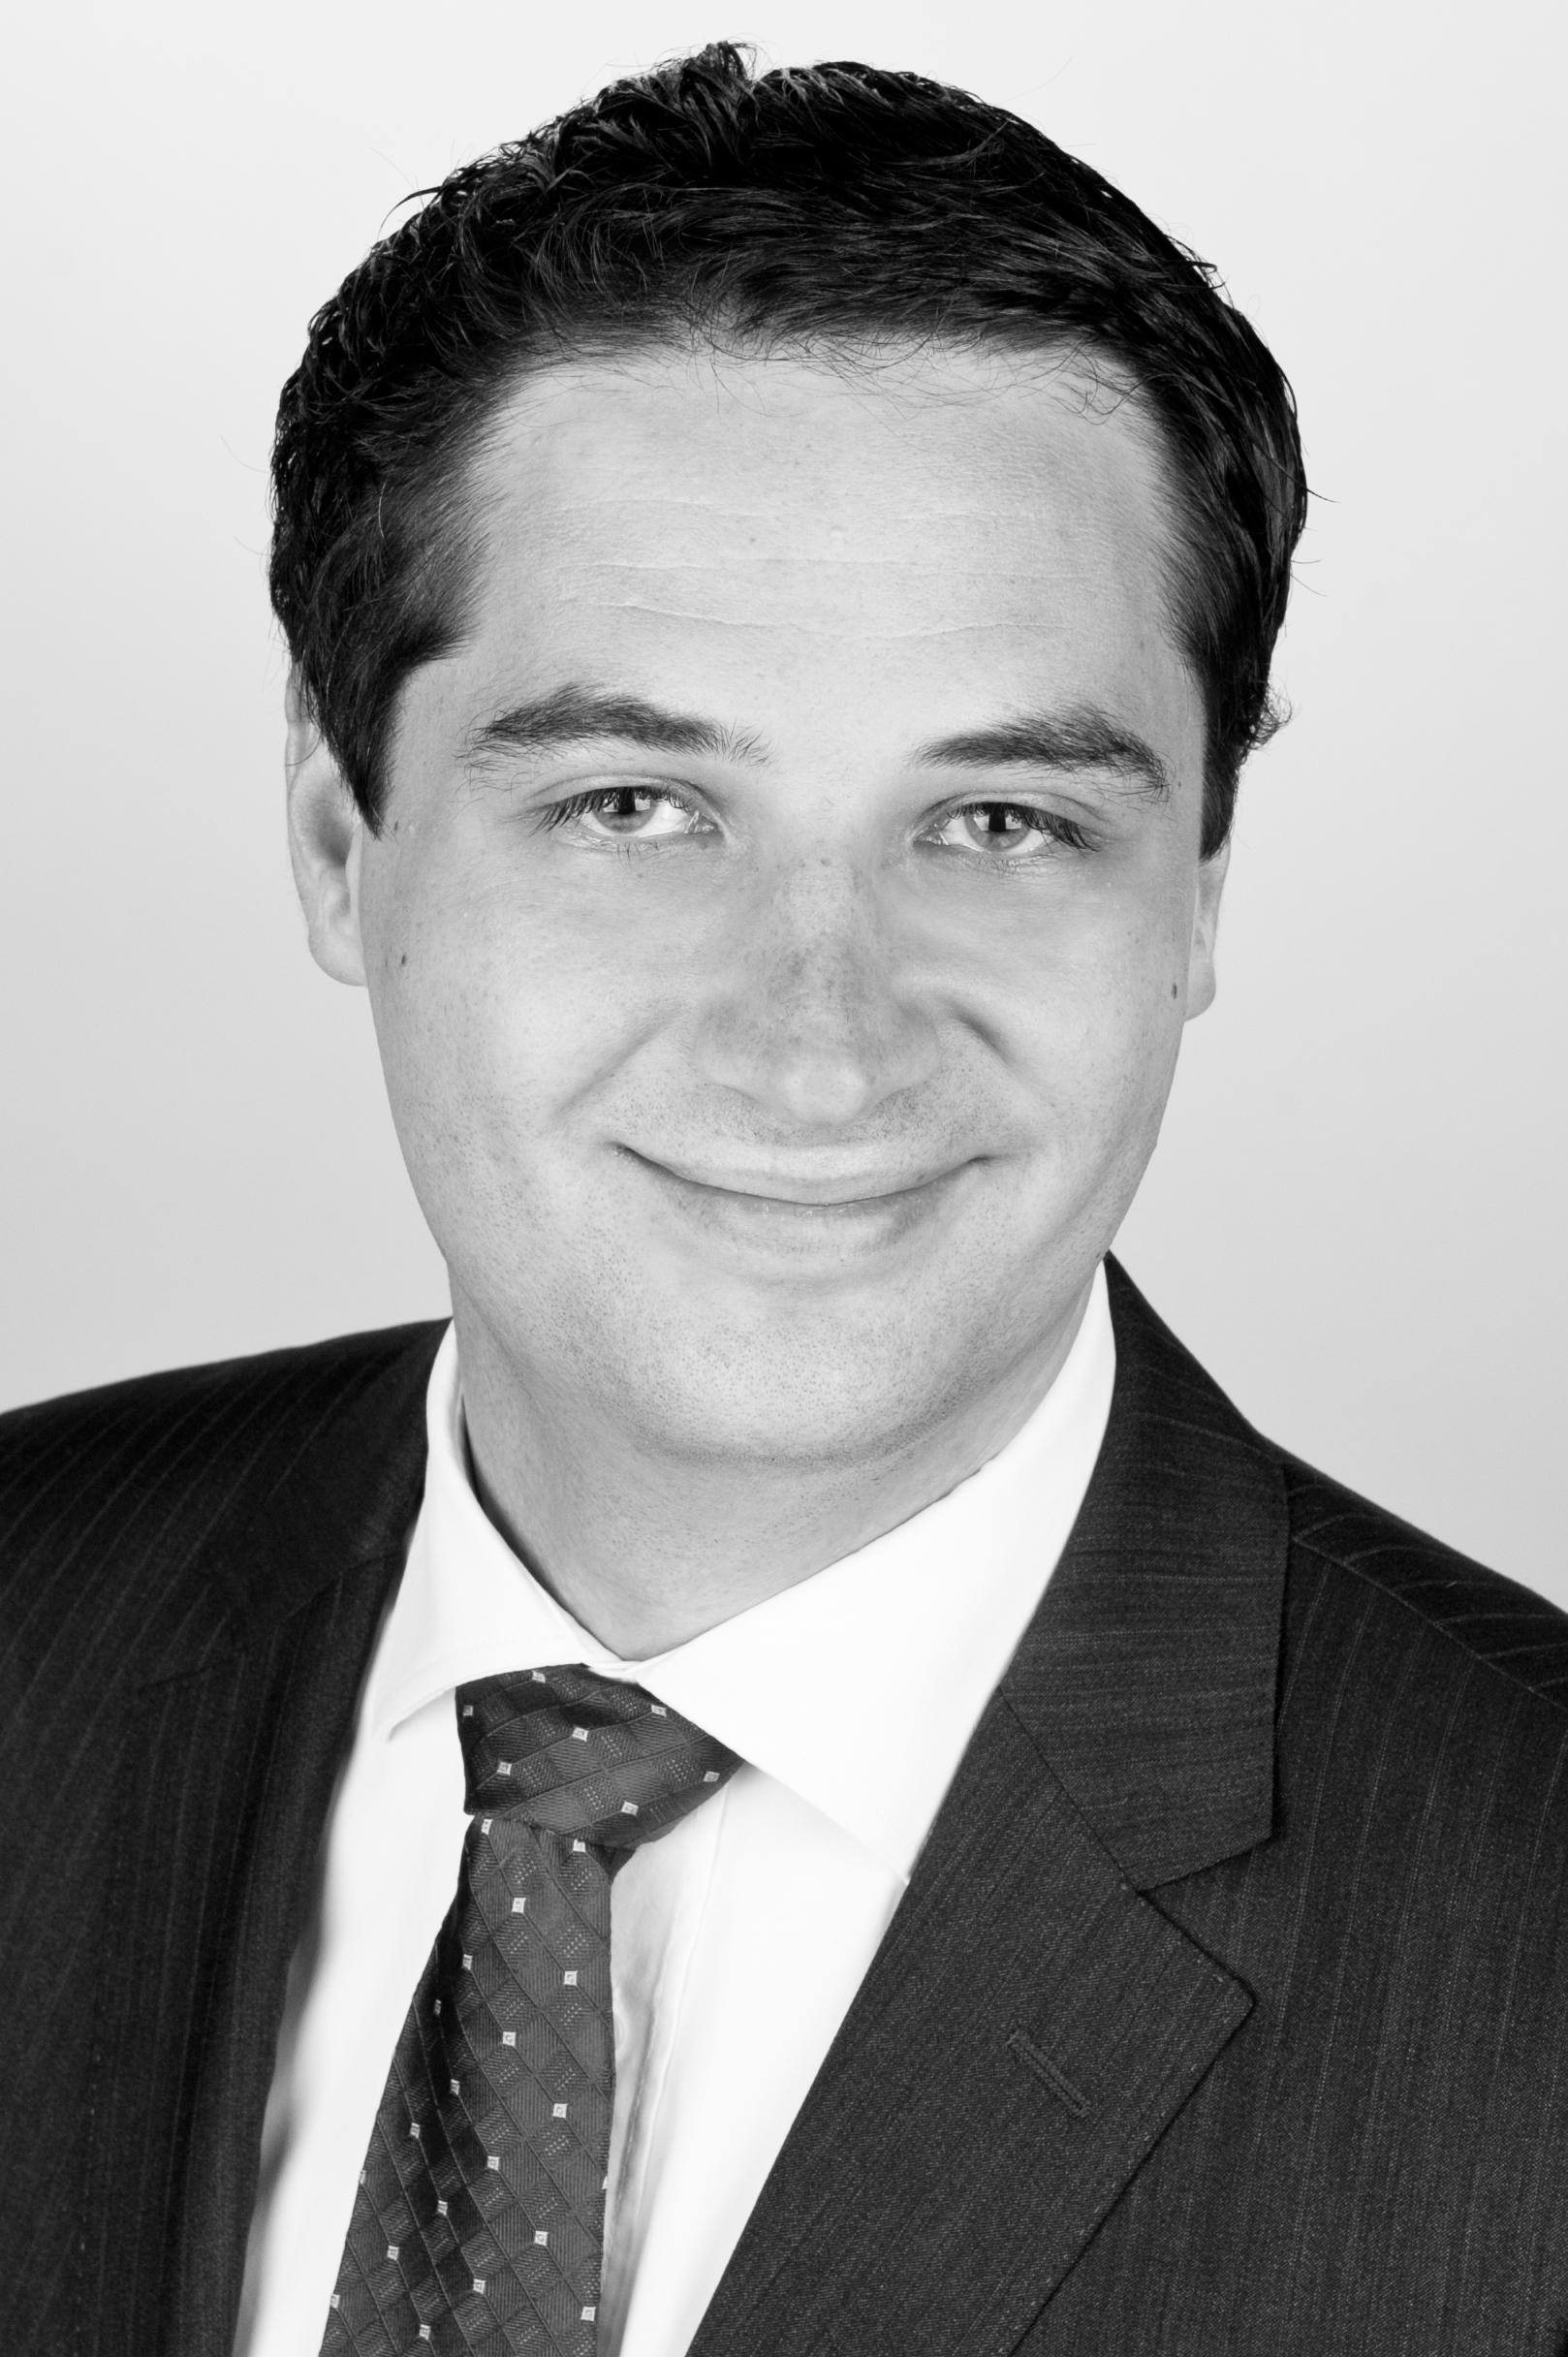 Carl Kalmbach